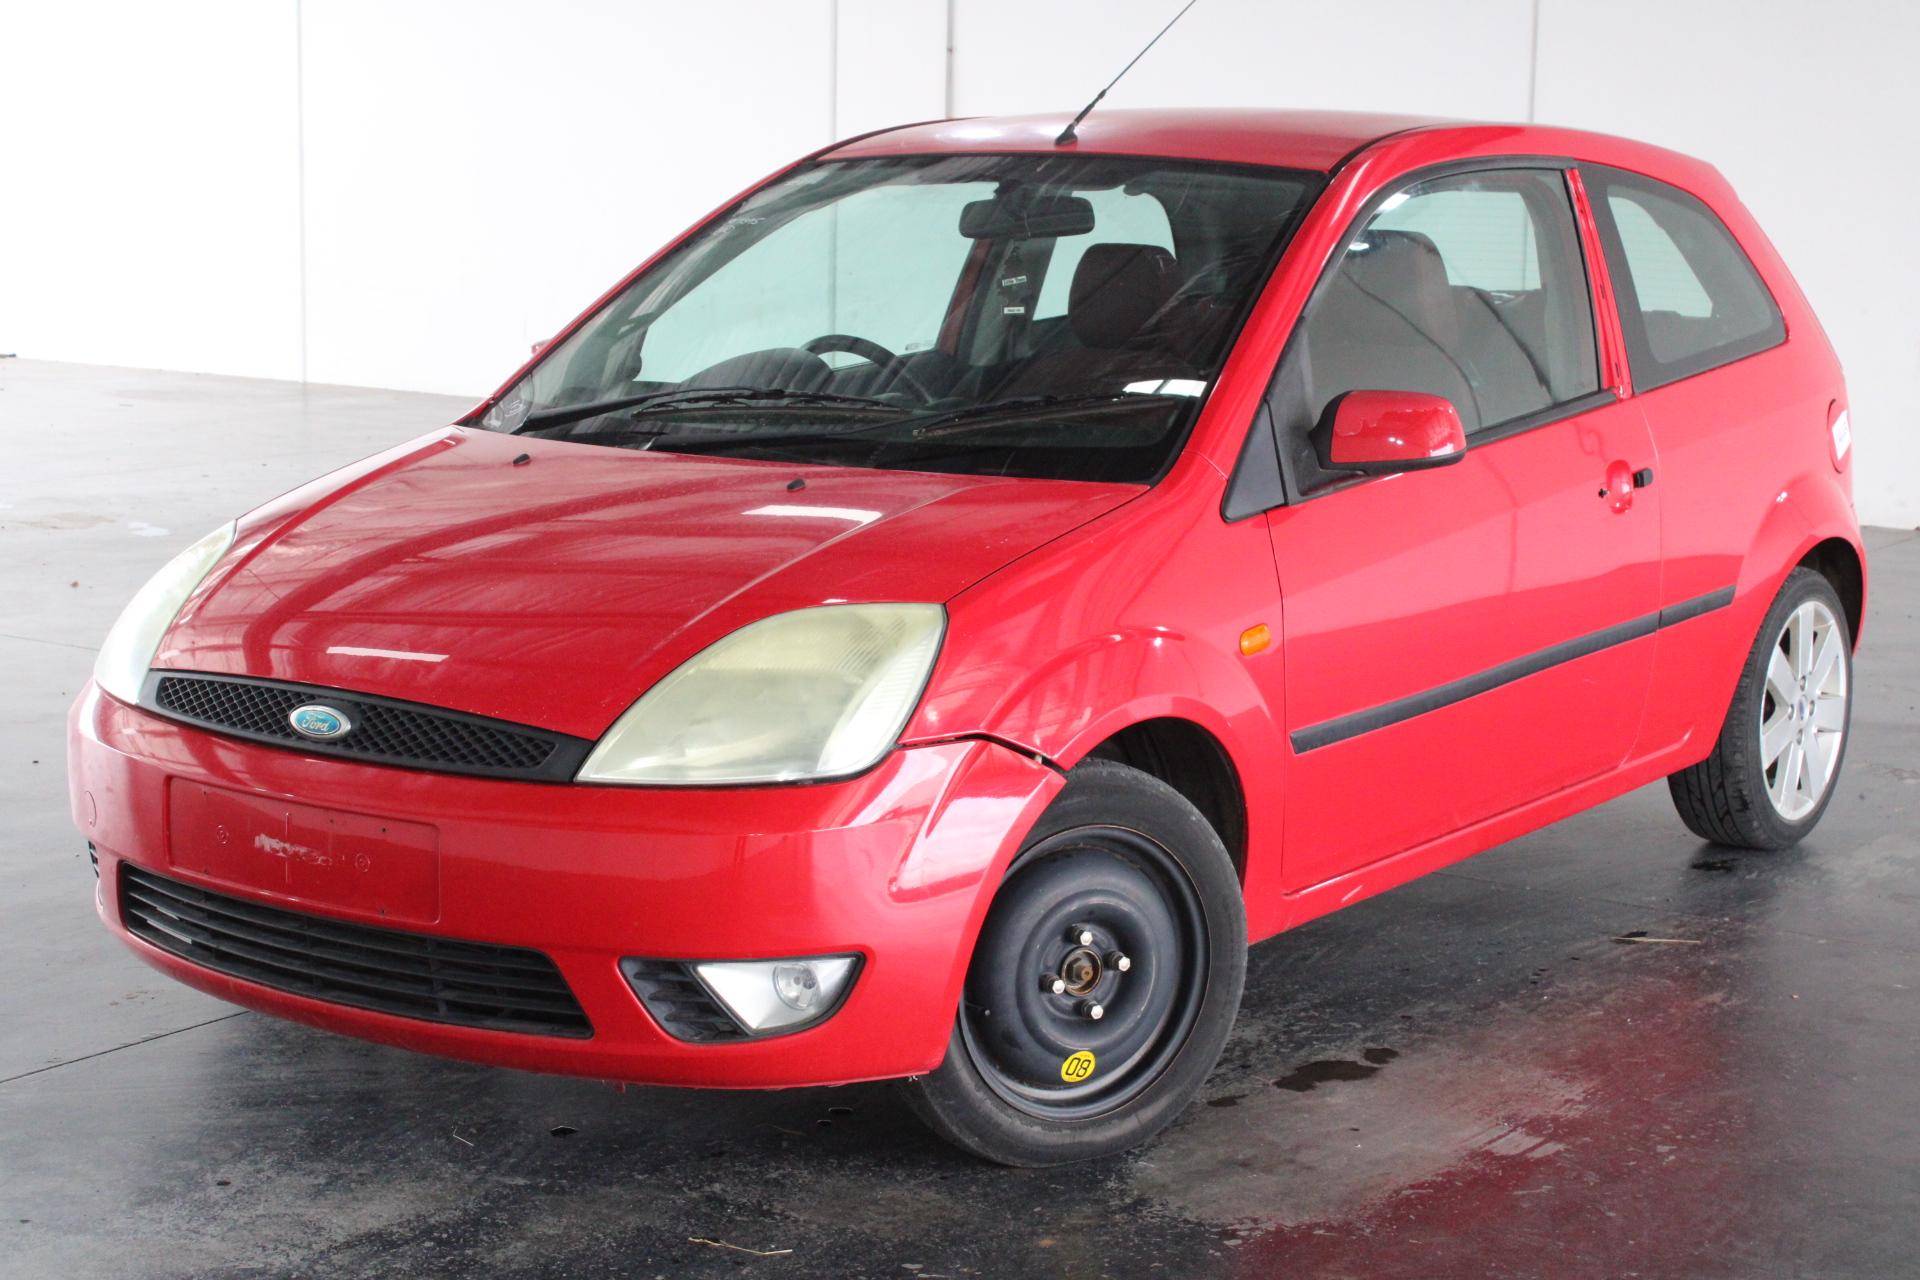 2005 Ford Fiesta Zetec WP Manual Hatchback